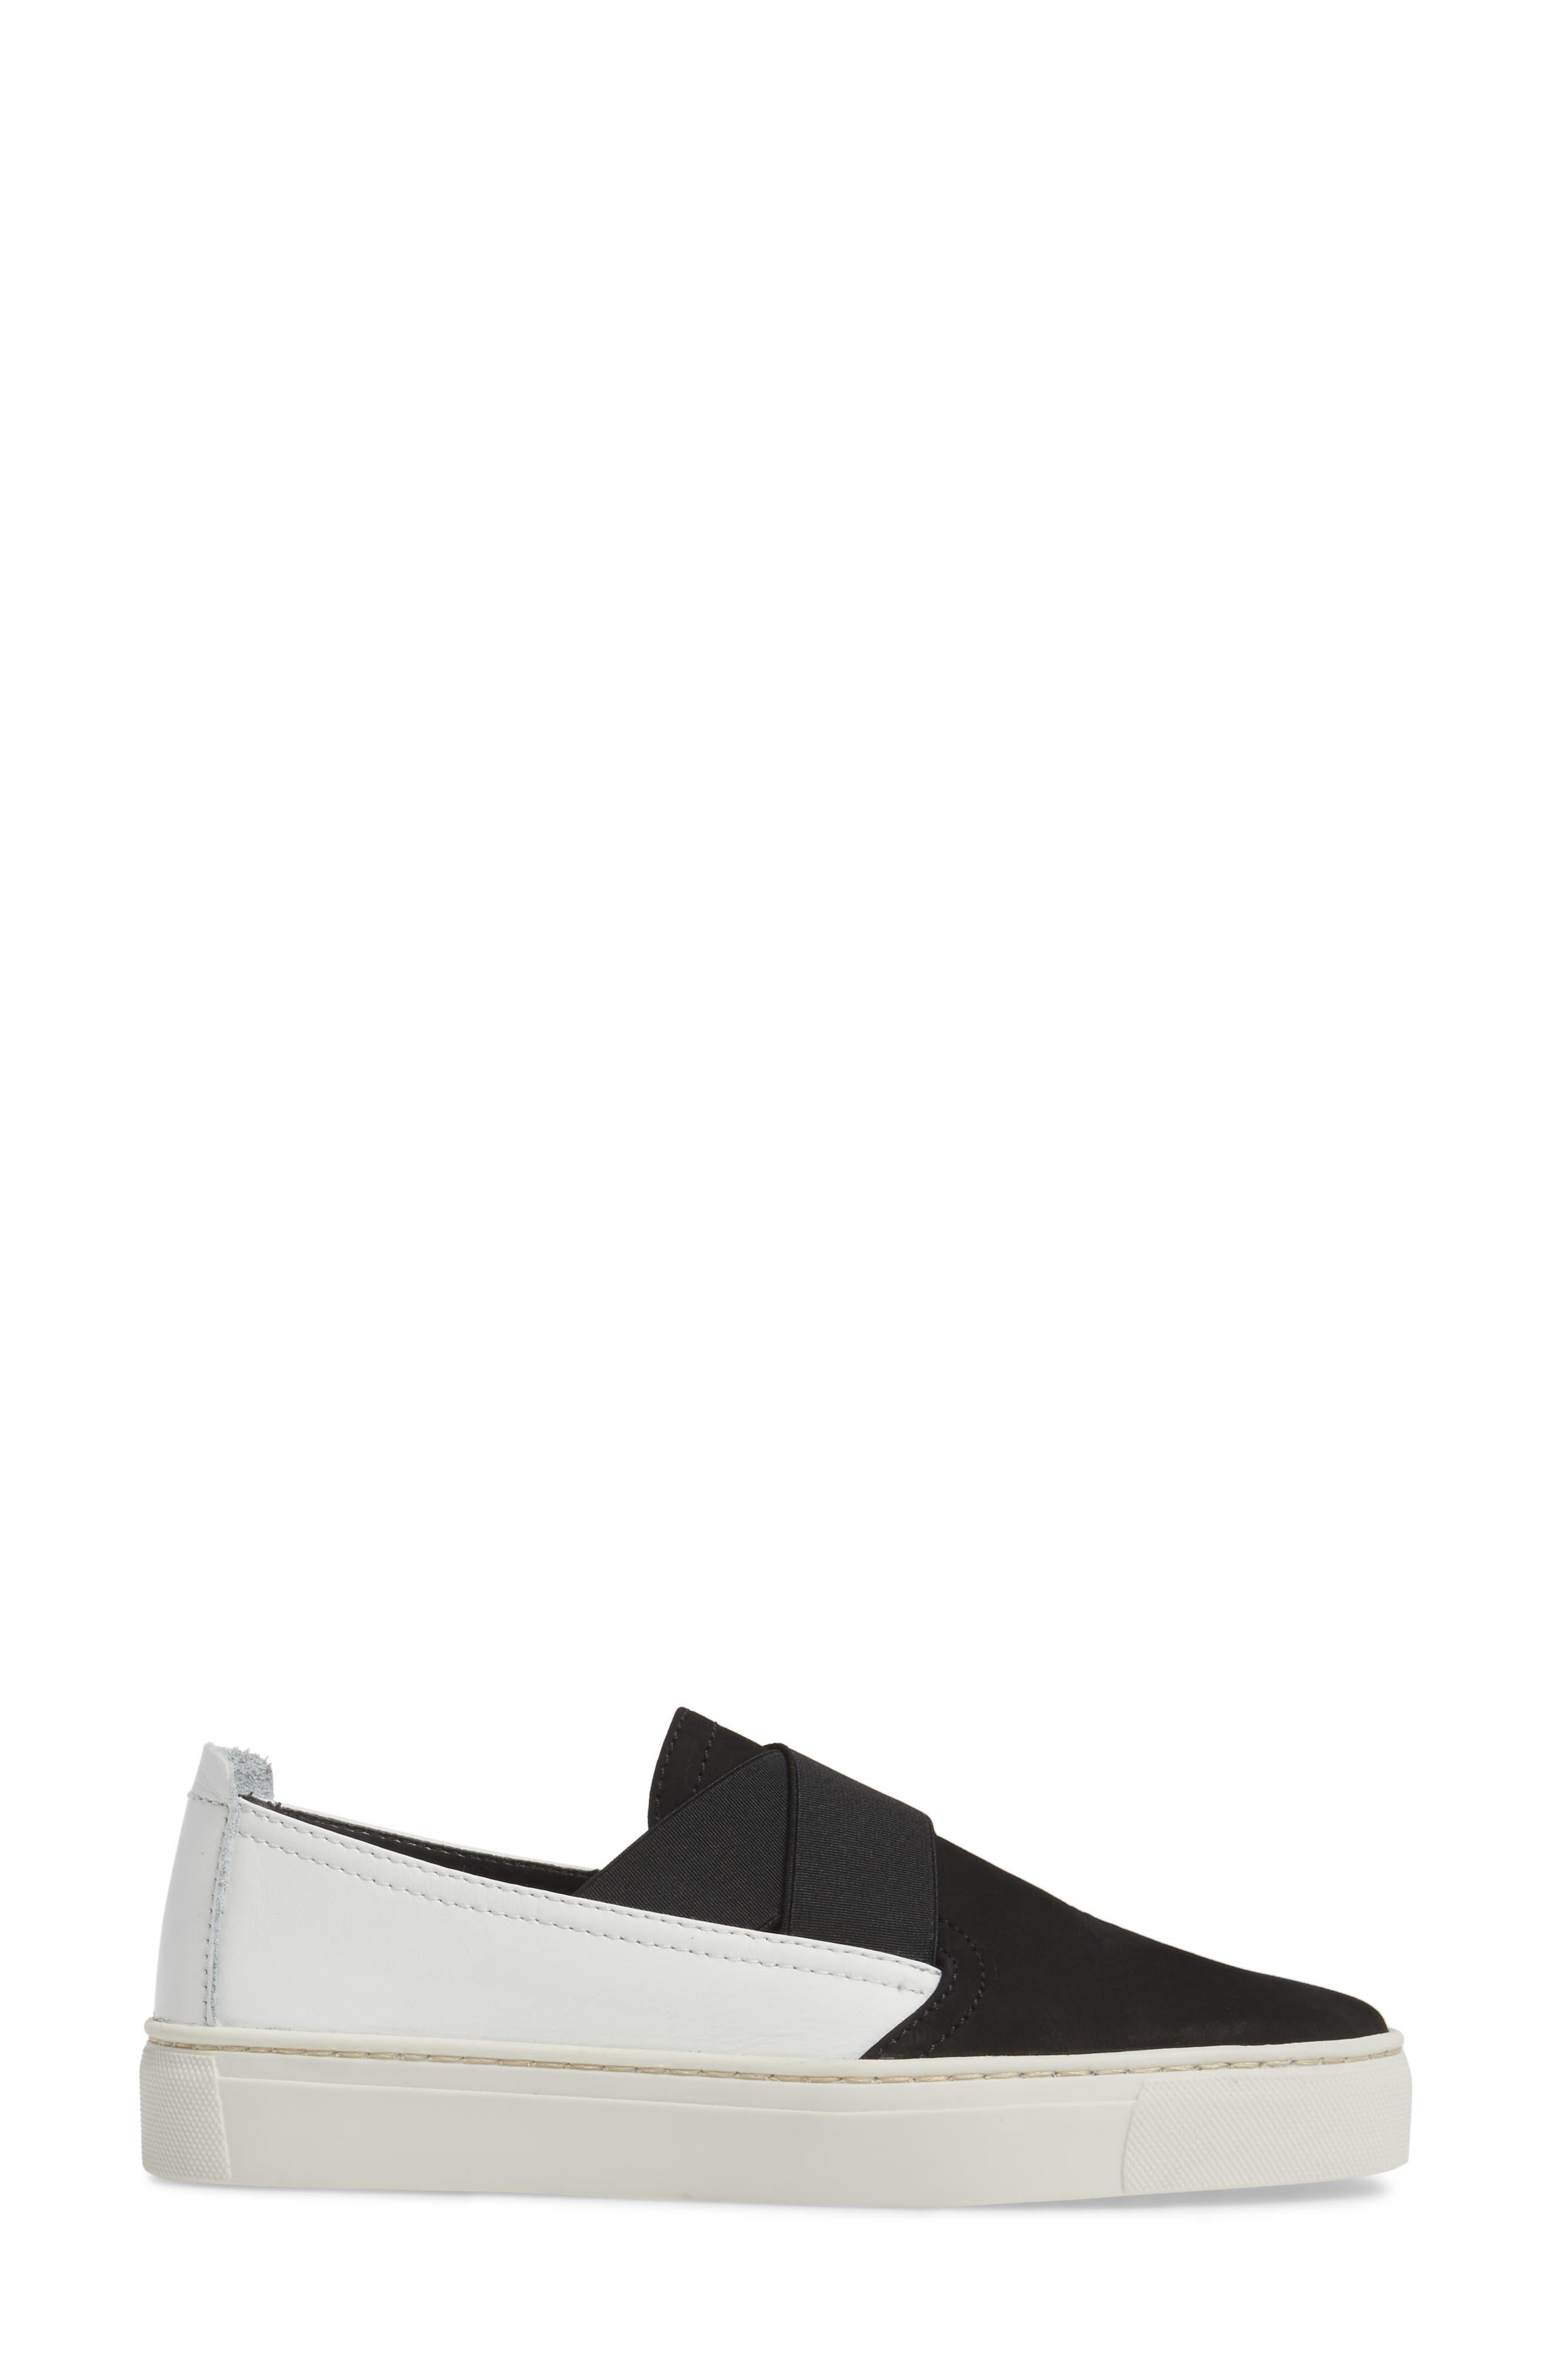 Alternate Image 3  - The FLEXX La Cross Slip-On Sneaker (Women)